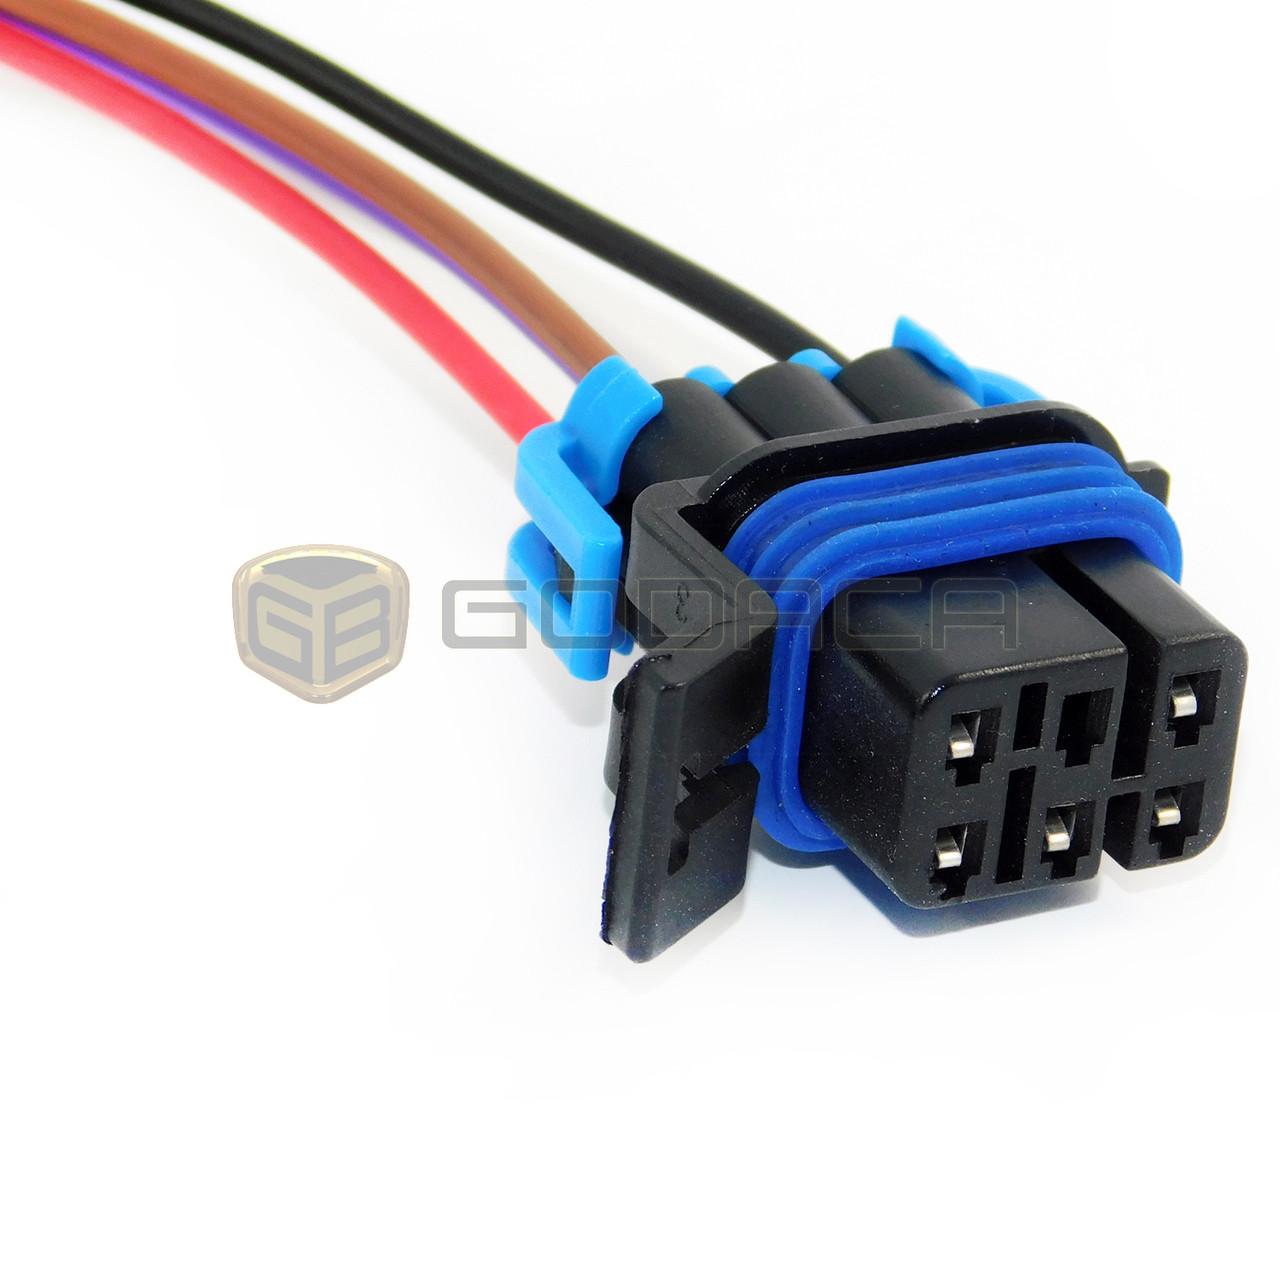 connector fuel pump sensor harness pigtail fpw4 gmc buick pontiac chevrolet godaca llc  [ 1280 x 1280 Pixel ]